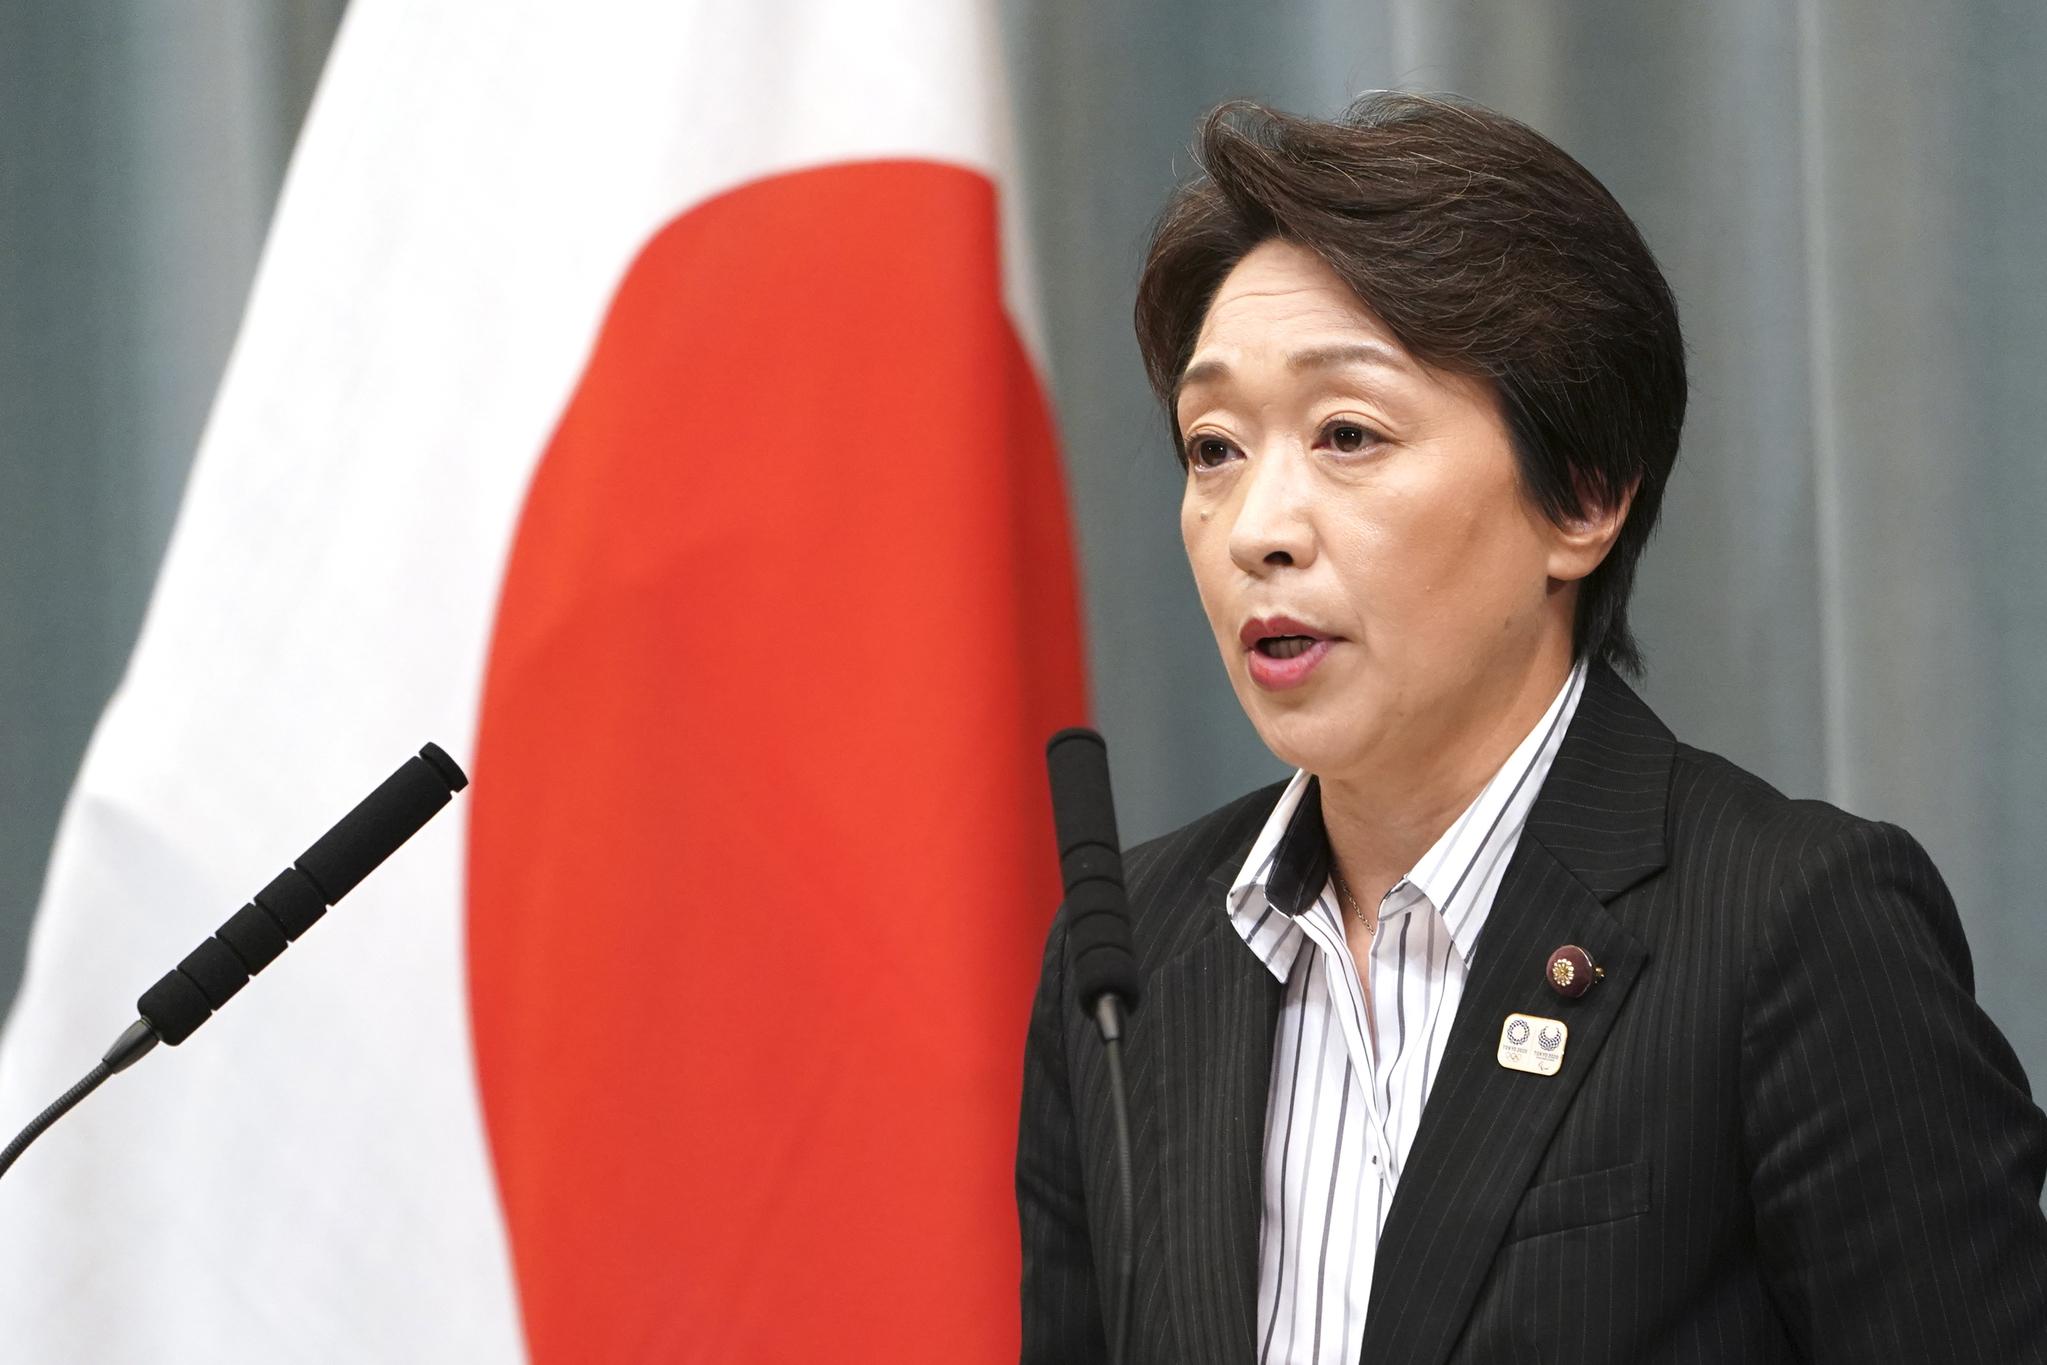 하시모토 세이코 일본 올림픽담당 장관은 지난 12일 욱일기는 정치적인 의미에서 결코 선전이 되지 않는다고 말했다. [AP=연합뉴스]